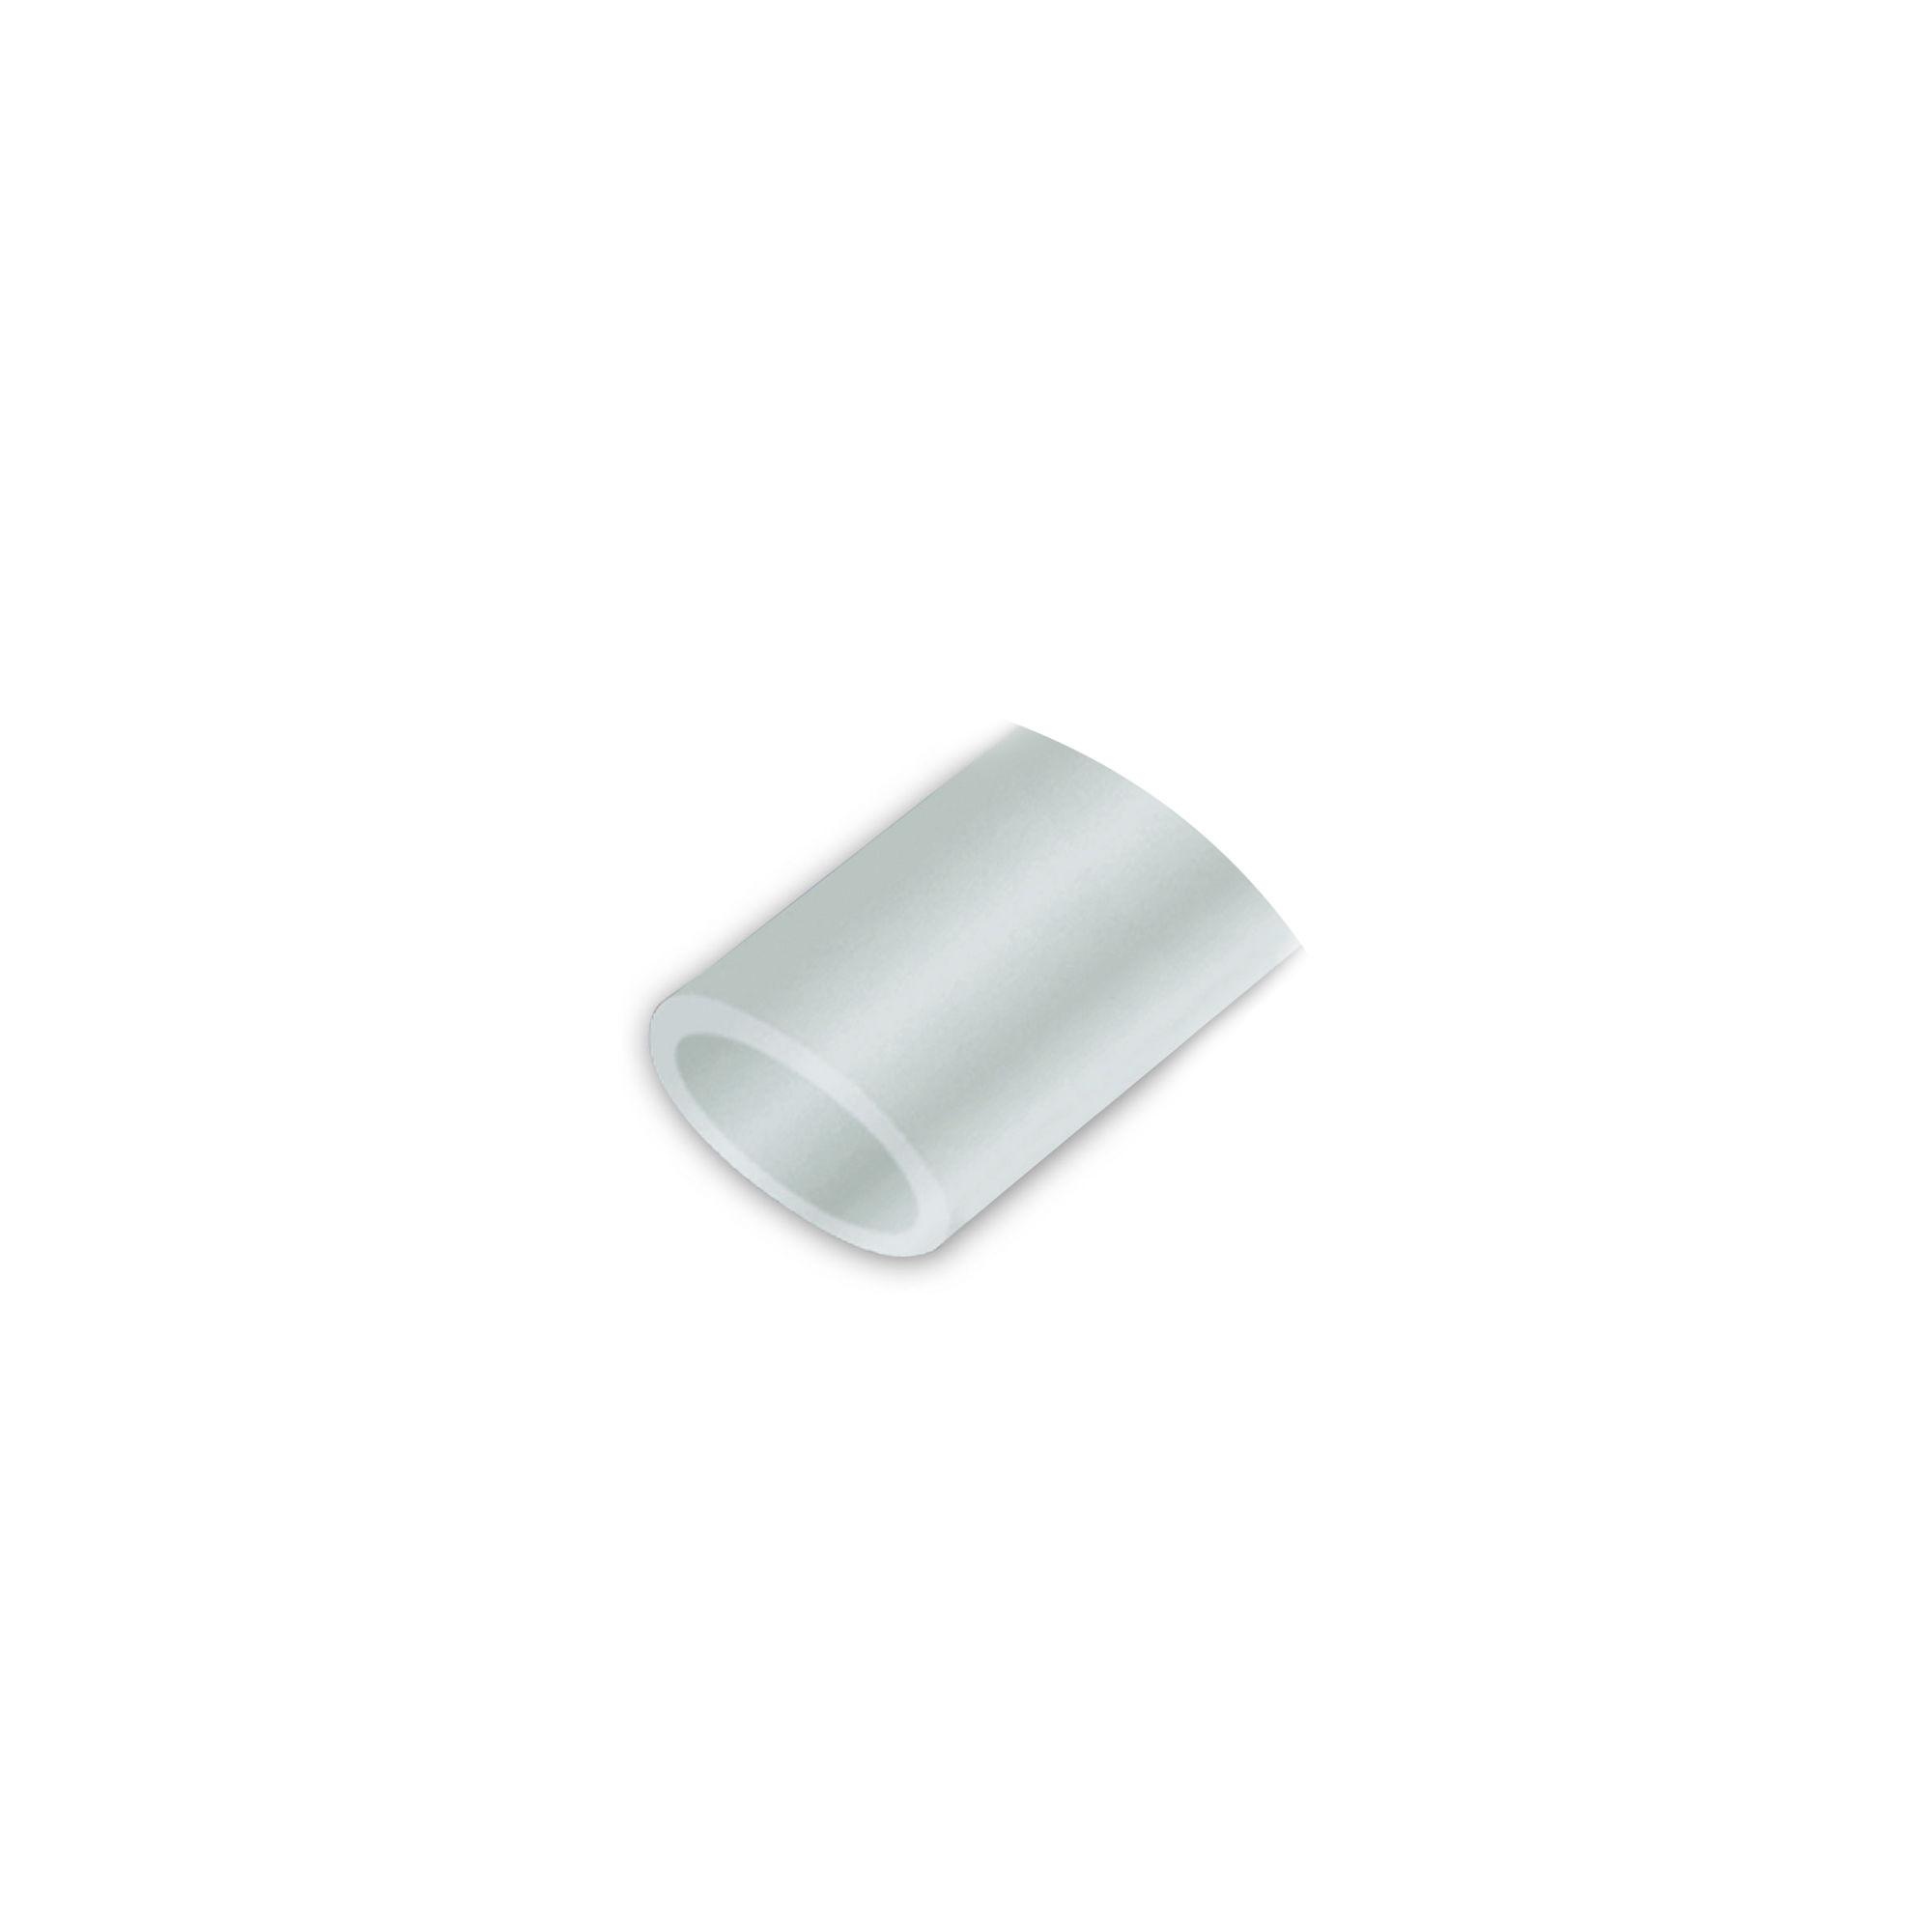 Protection tubulaire - Anneaux pur gel - Paquet de 12 pièces